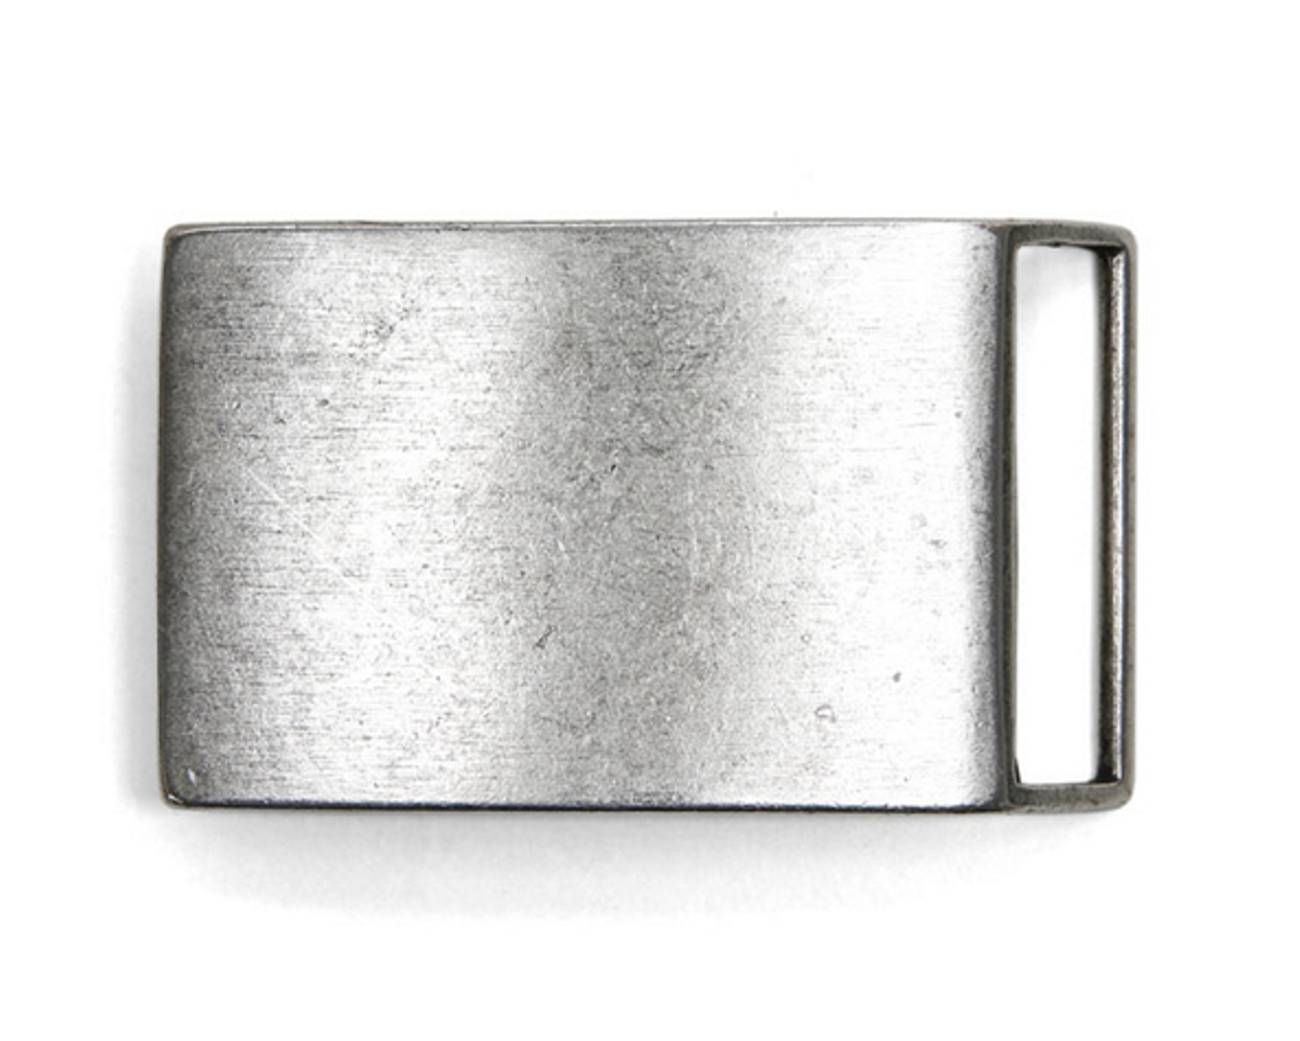 Schließe Buckle Gürtel-Schnalle Mr C Wechselschließe für 4 cm Designer Gürtel